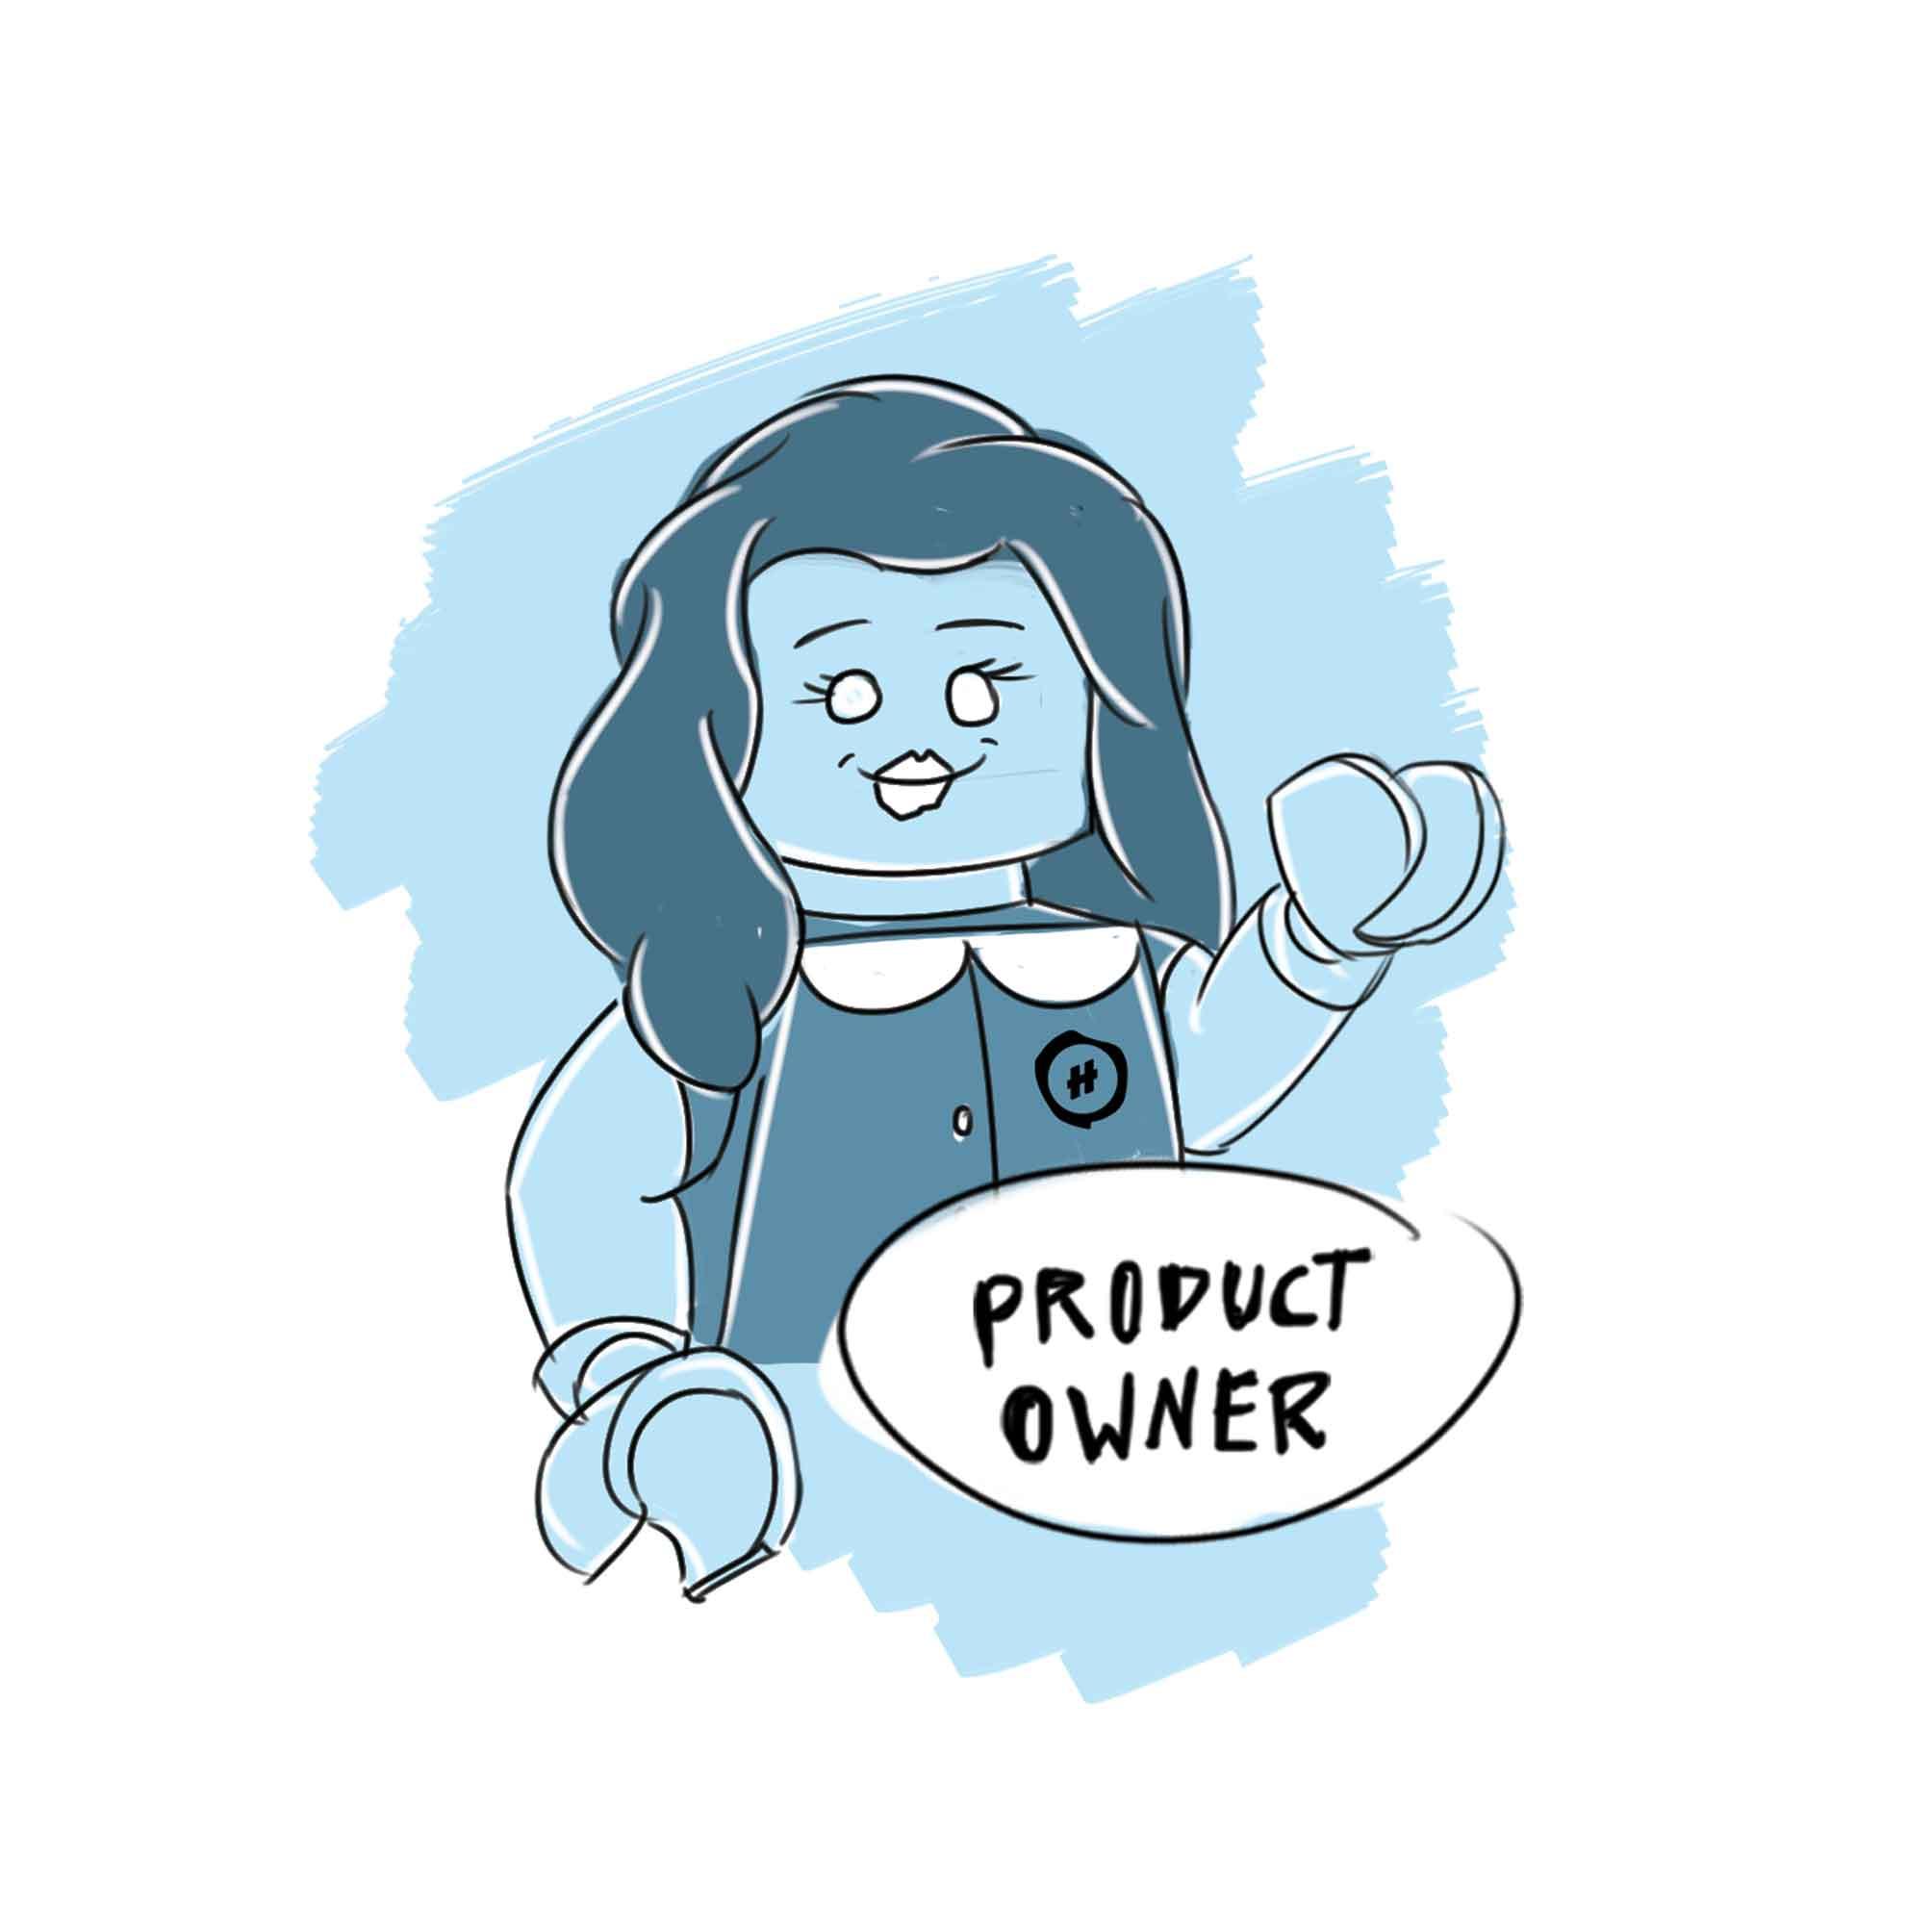 Product Owner Zeichnung